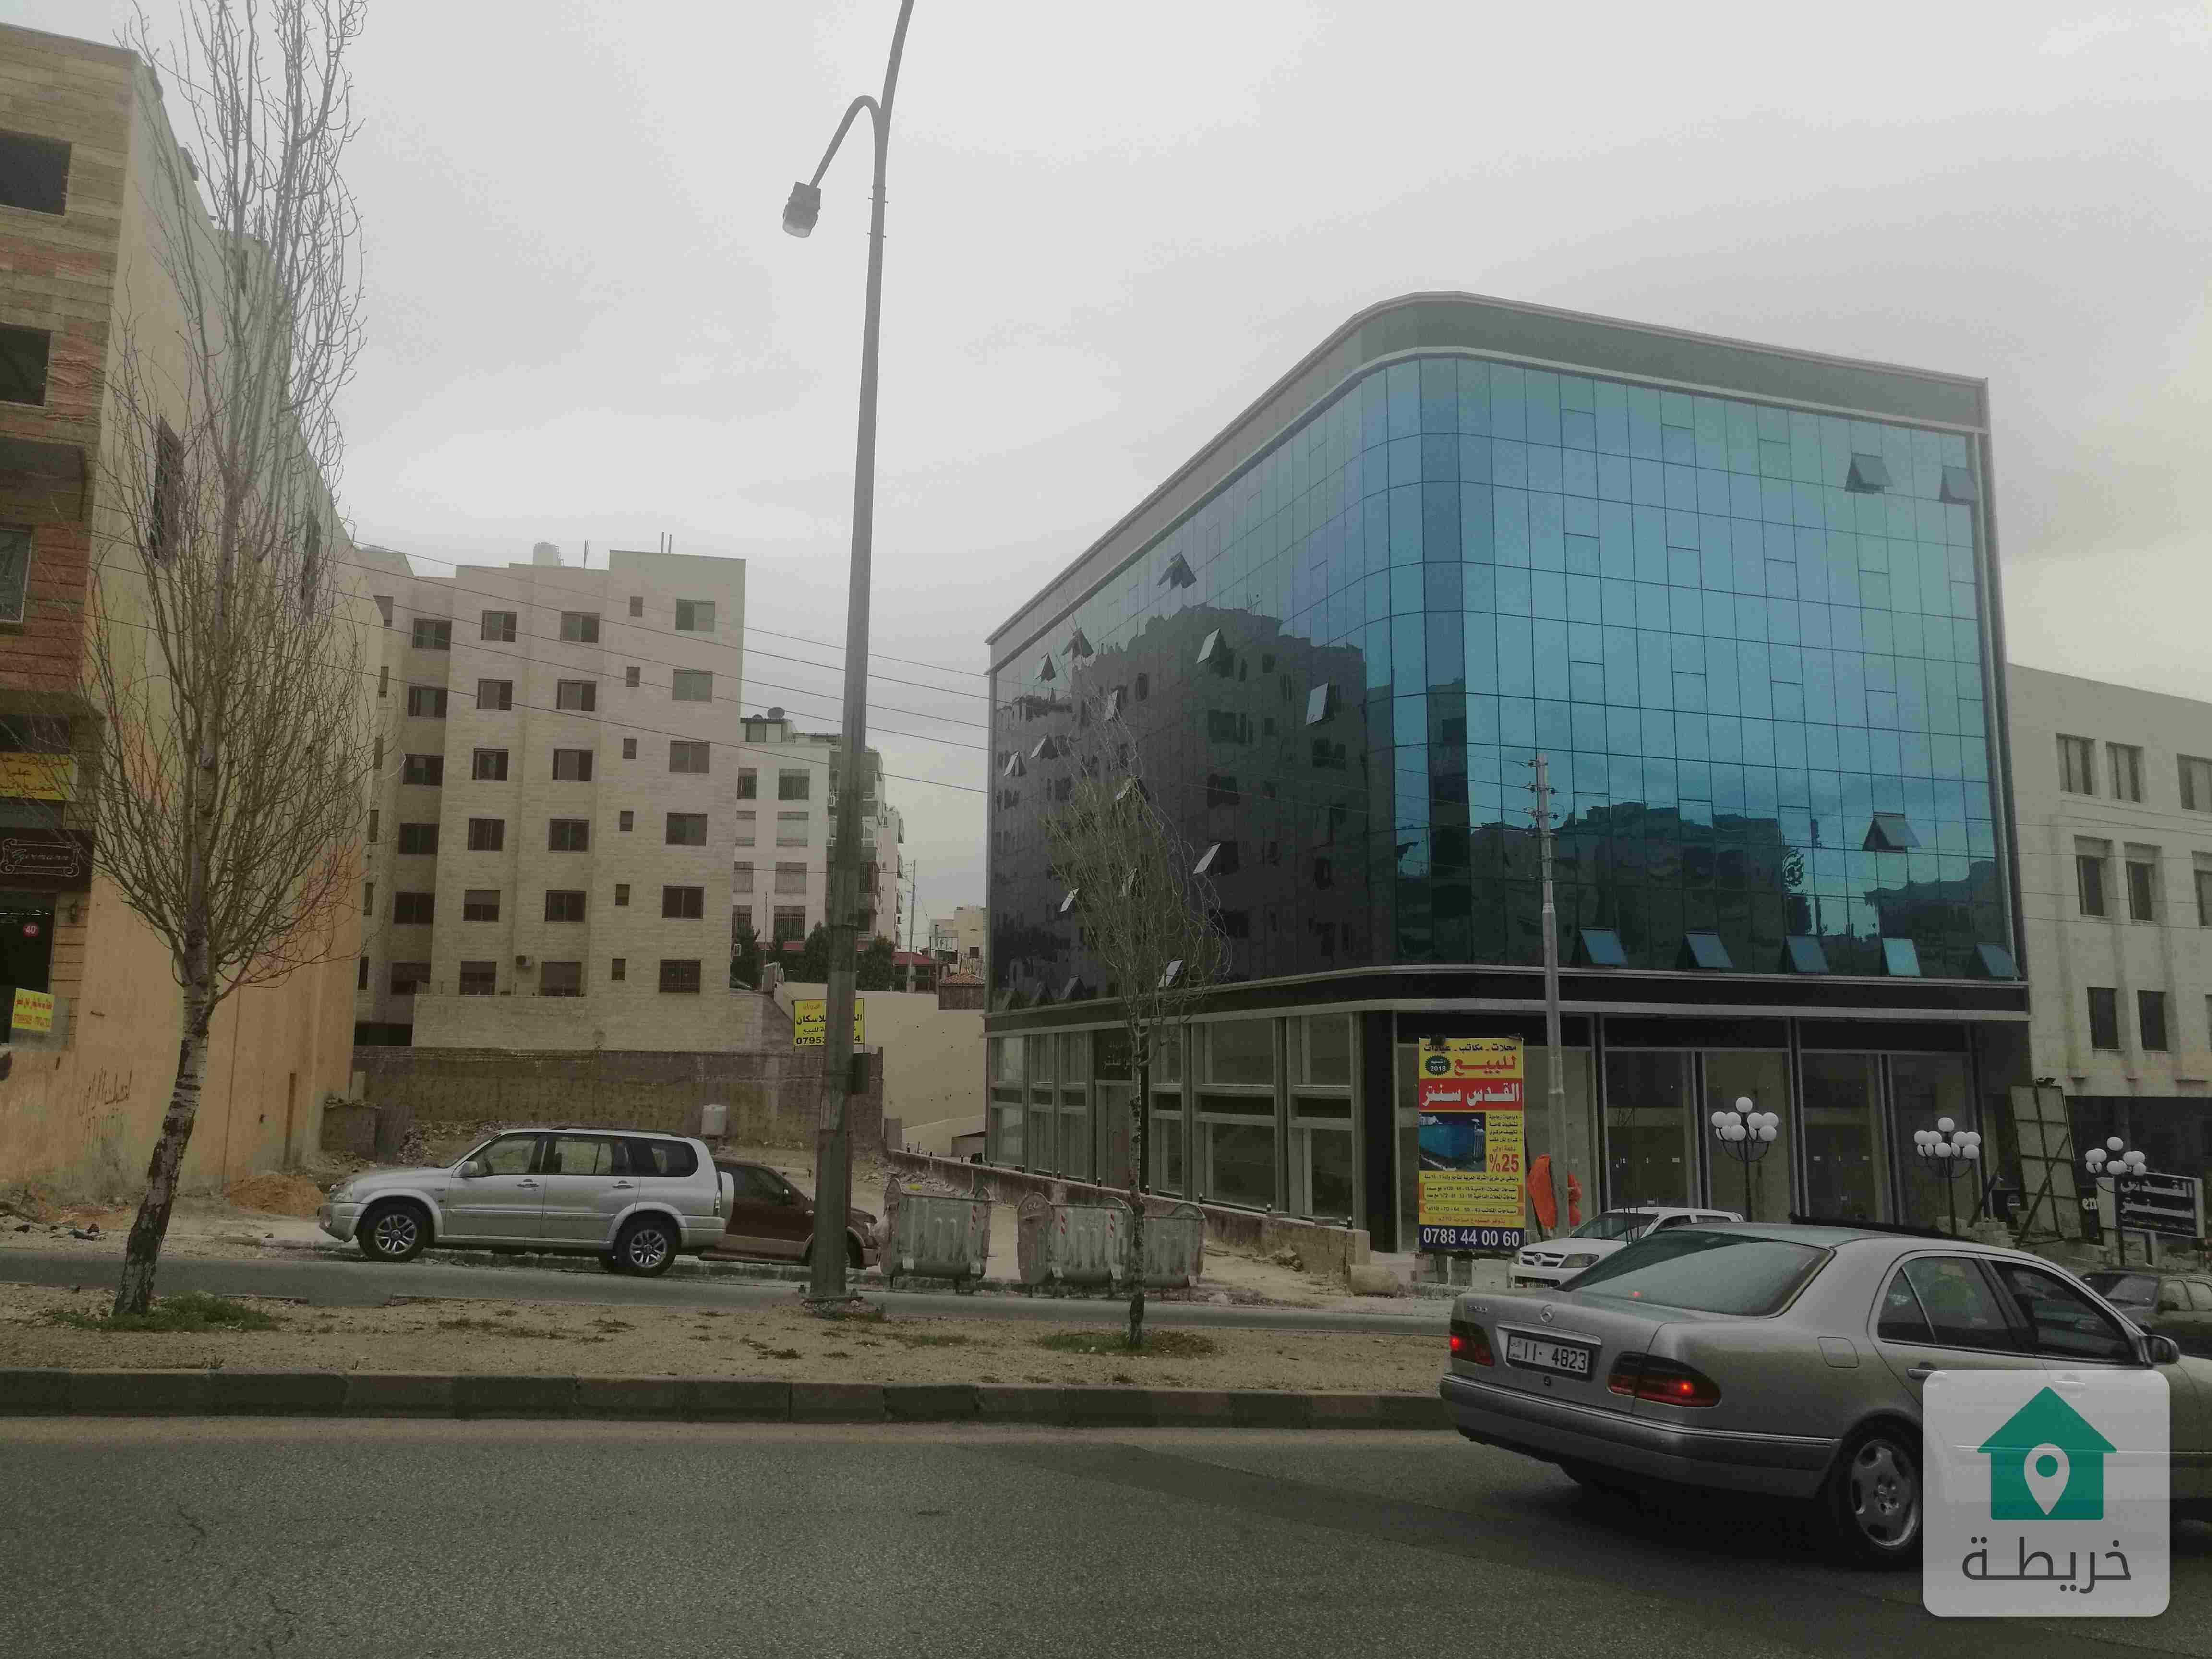 شارع الجاردنز القدس سنتر